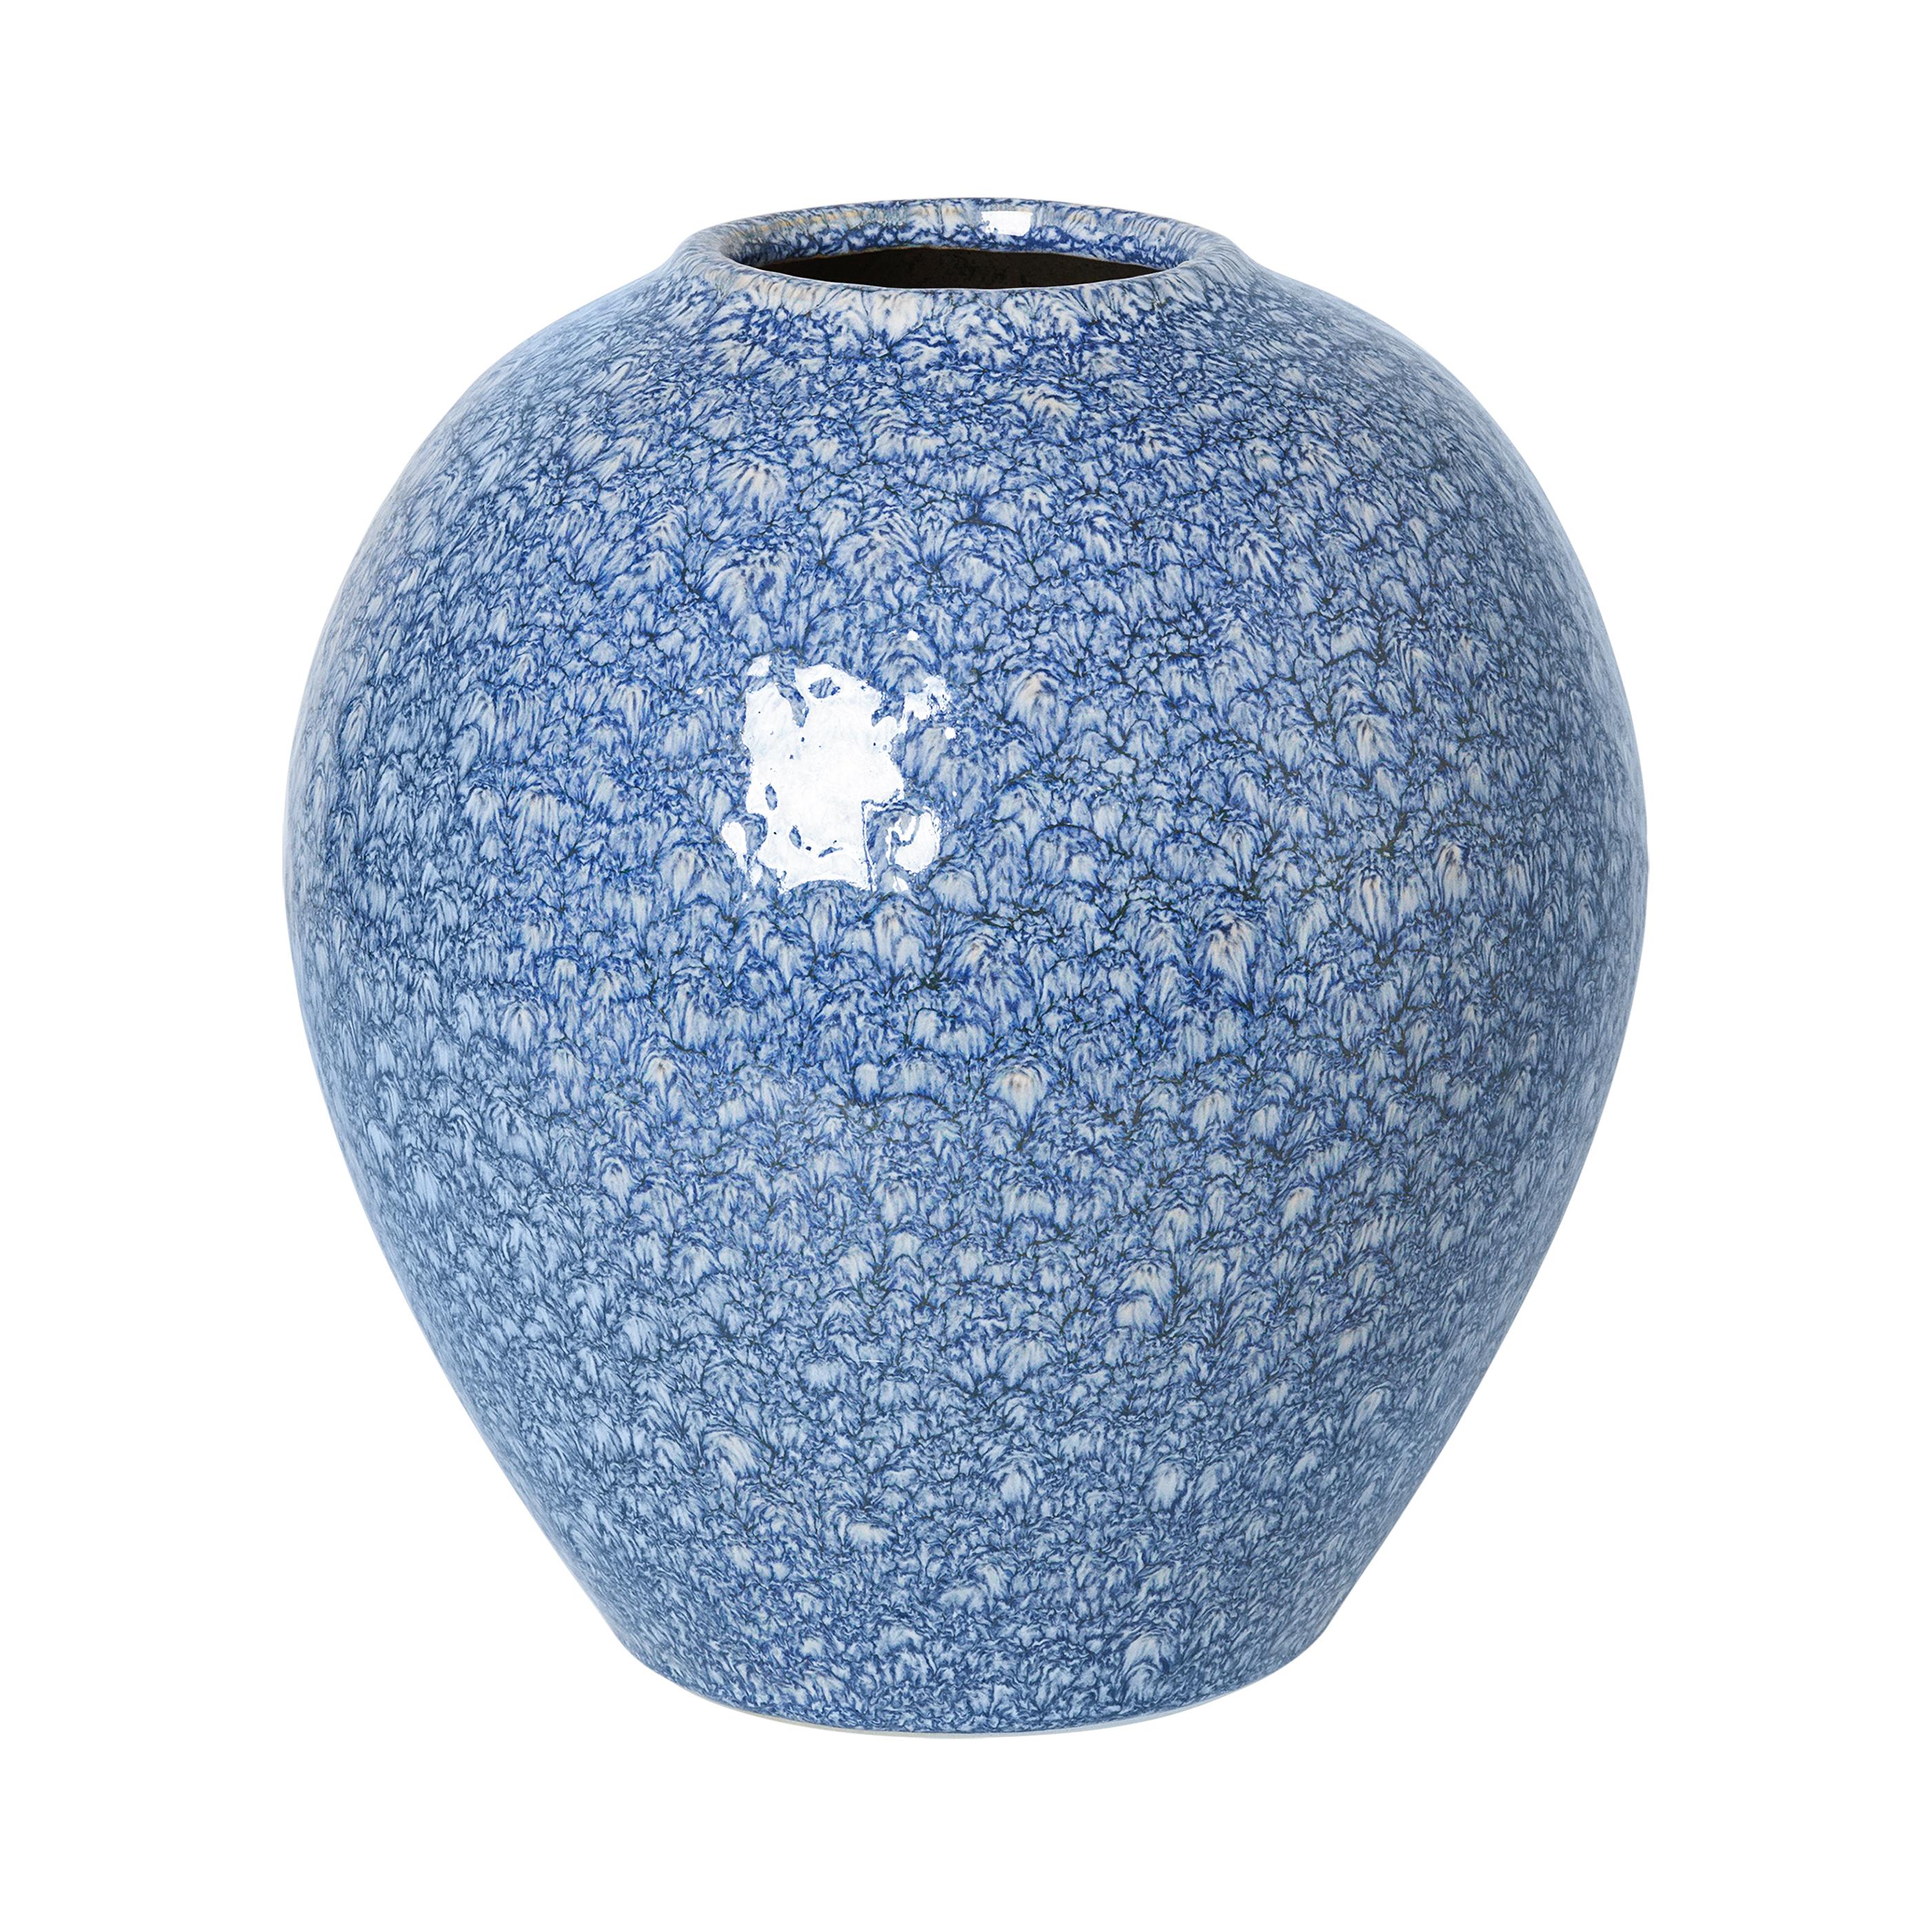 Broste Vas Ingrid keramik Insignia Blue/White ø24x25.5cm